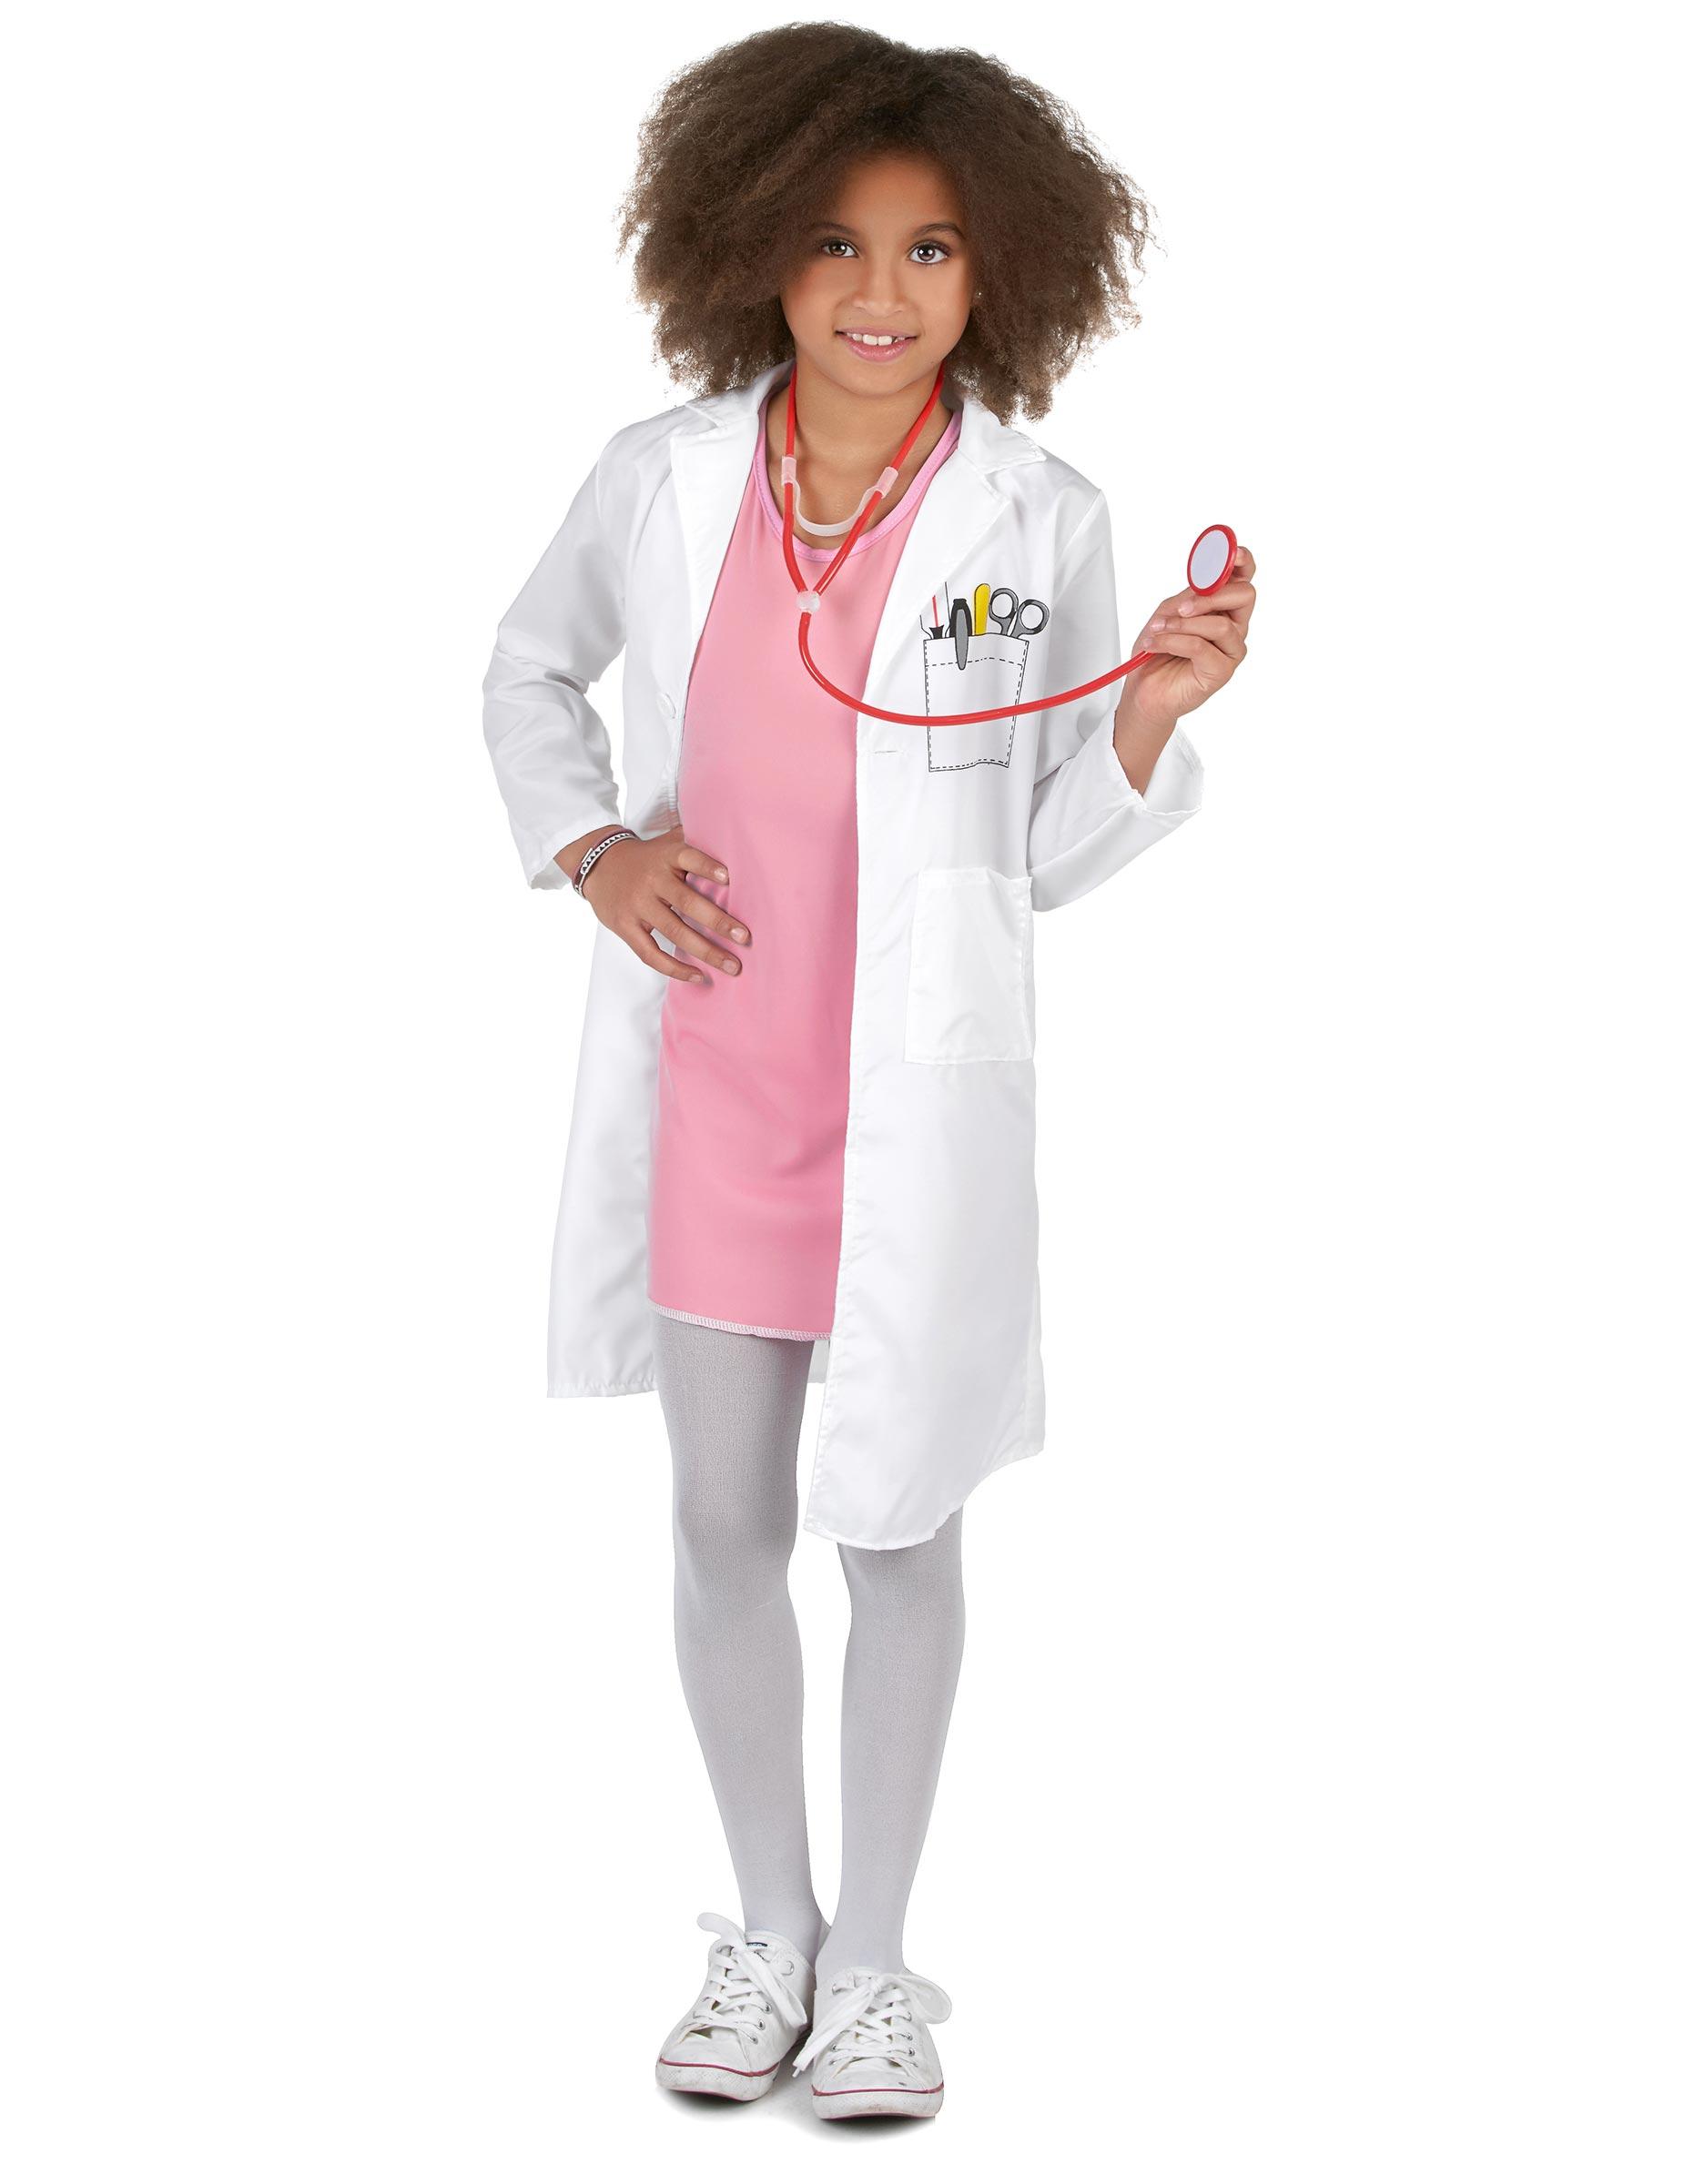 prima qualità Raccogliere tessuti pregiati Costume dottore bambina